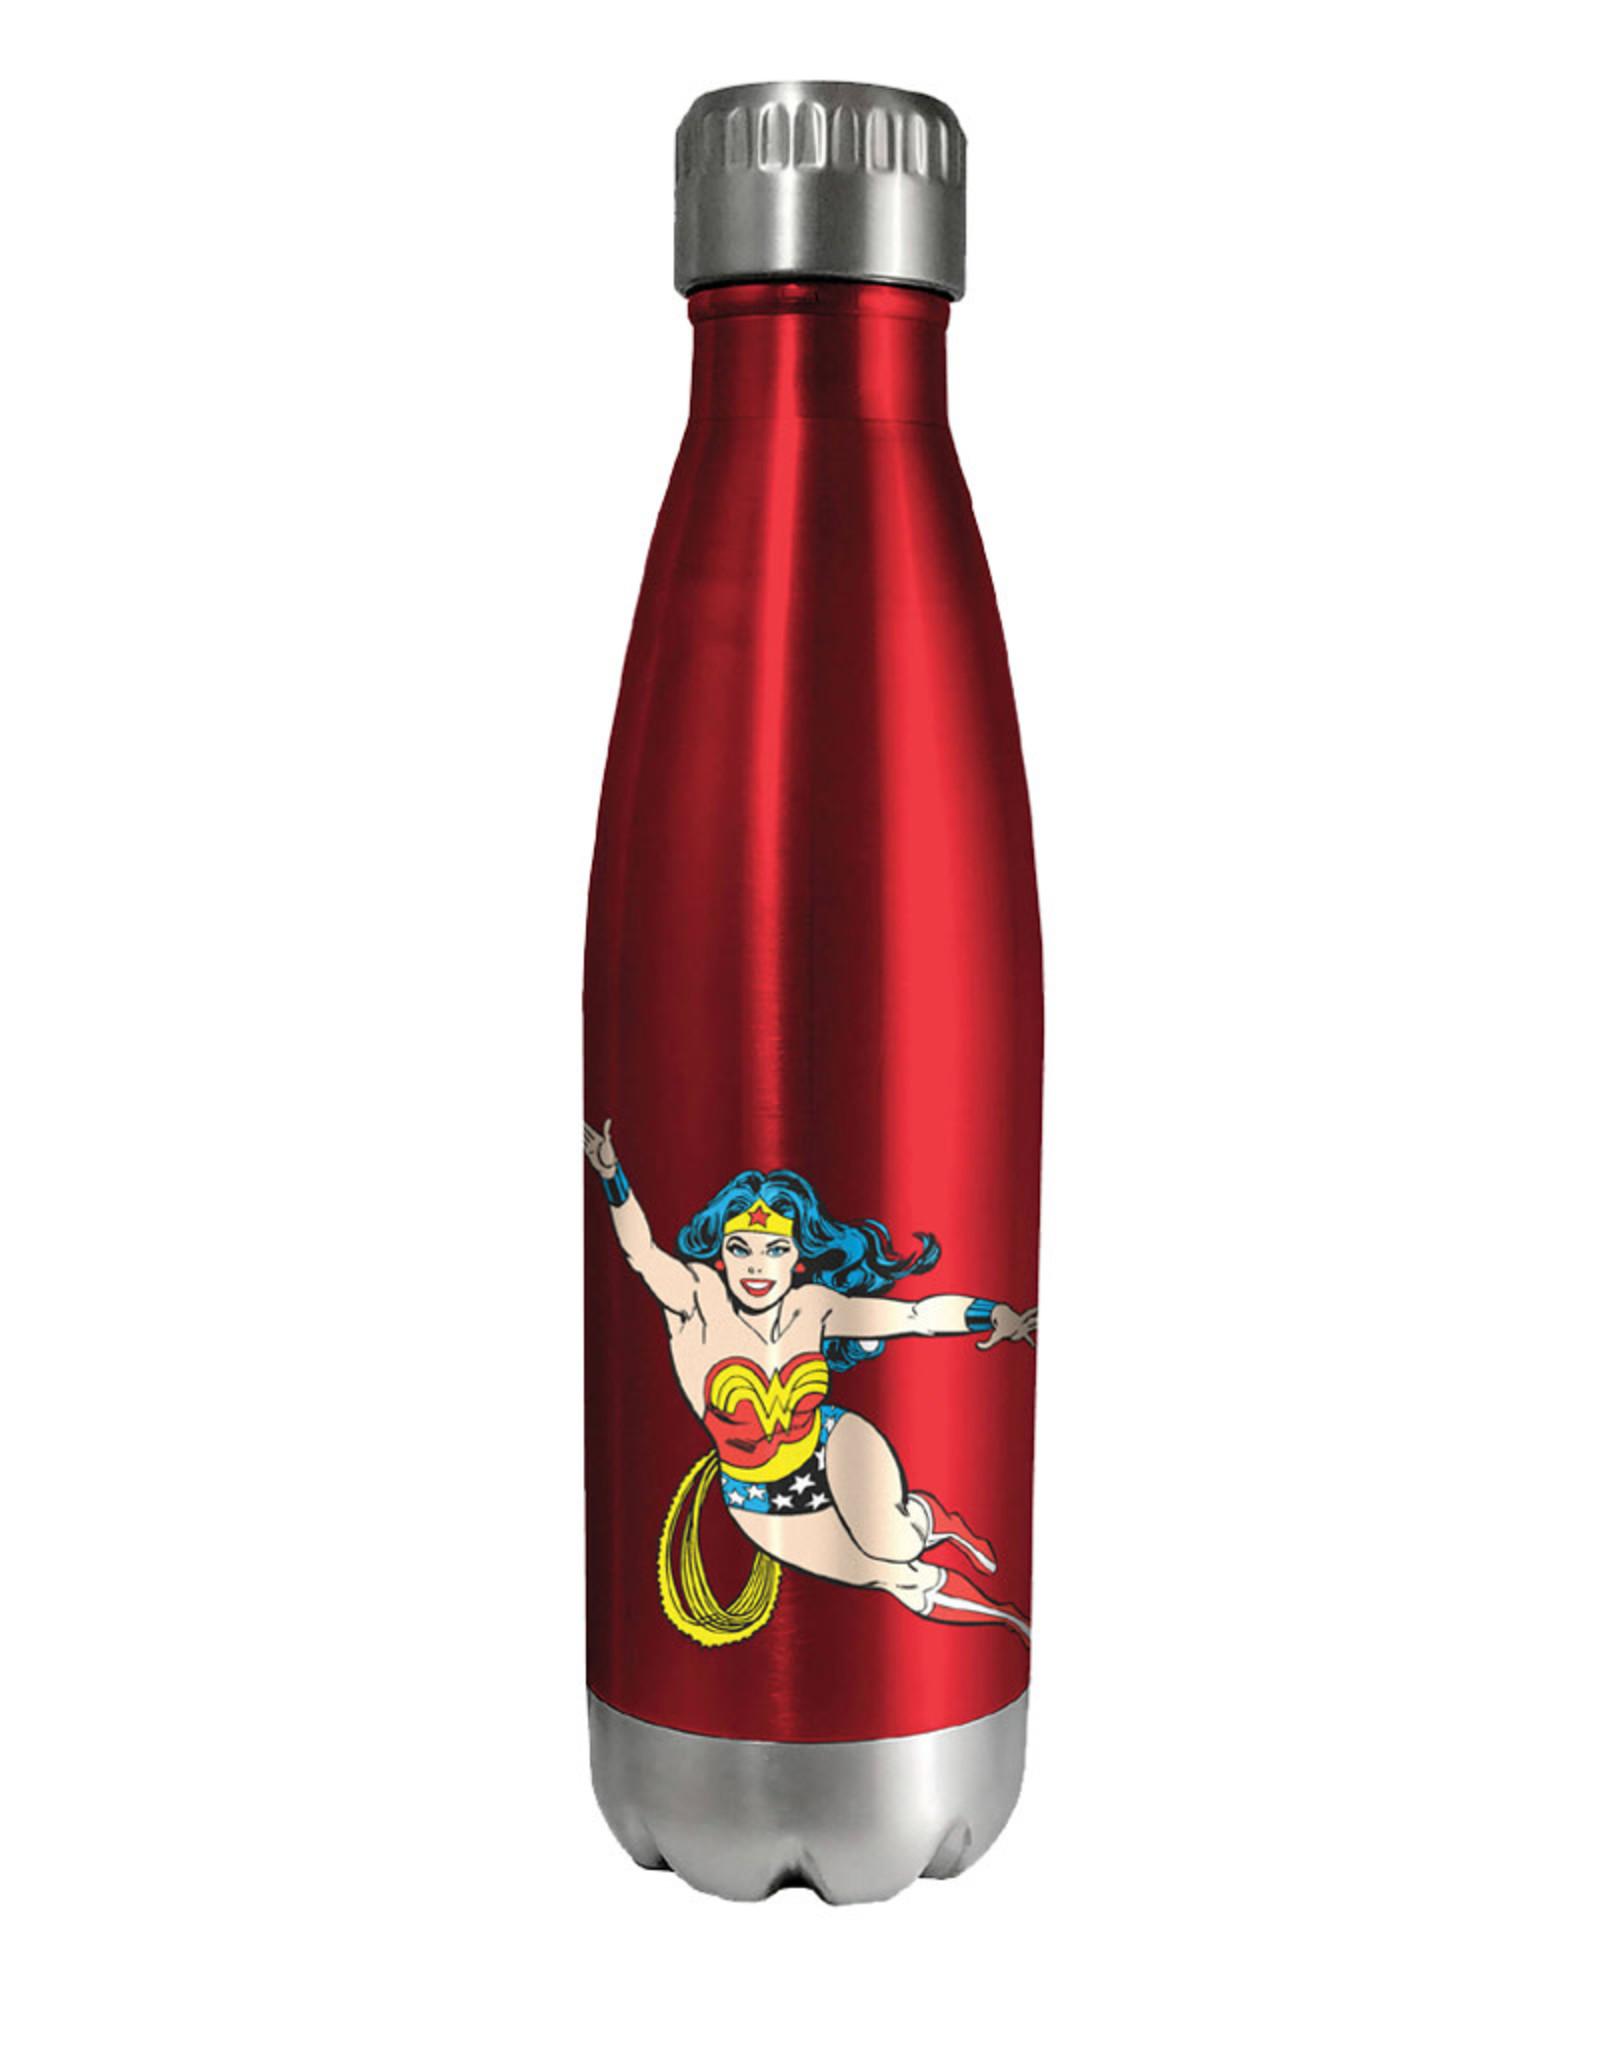 Dc comics Dc comics ( Bouteille en Acier Inoxidable ) Wonder Woman